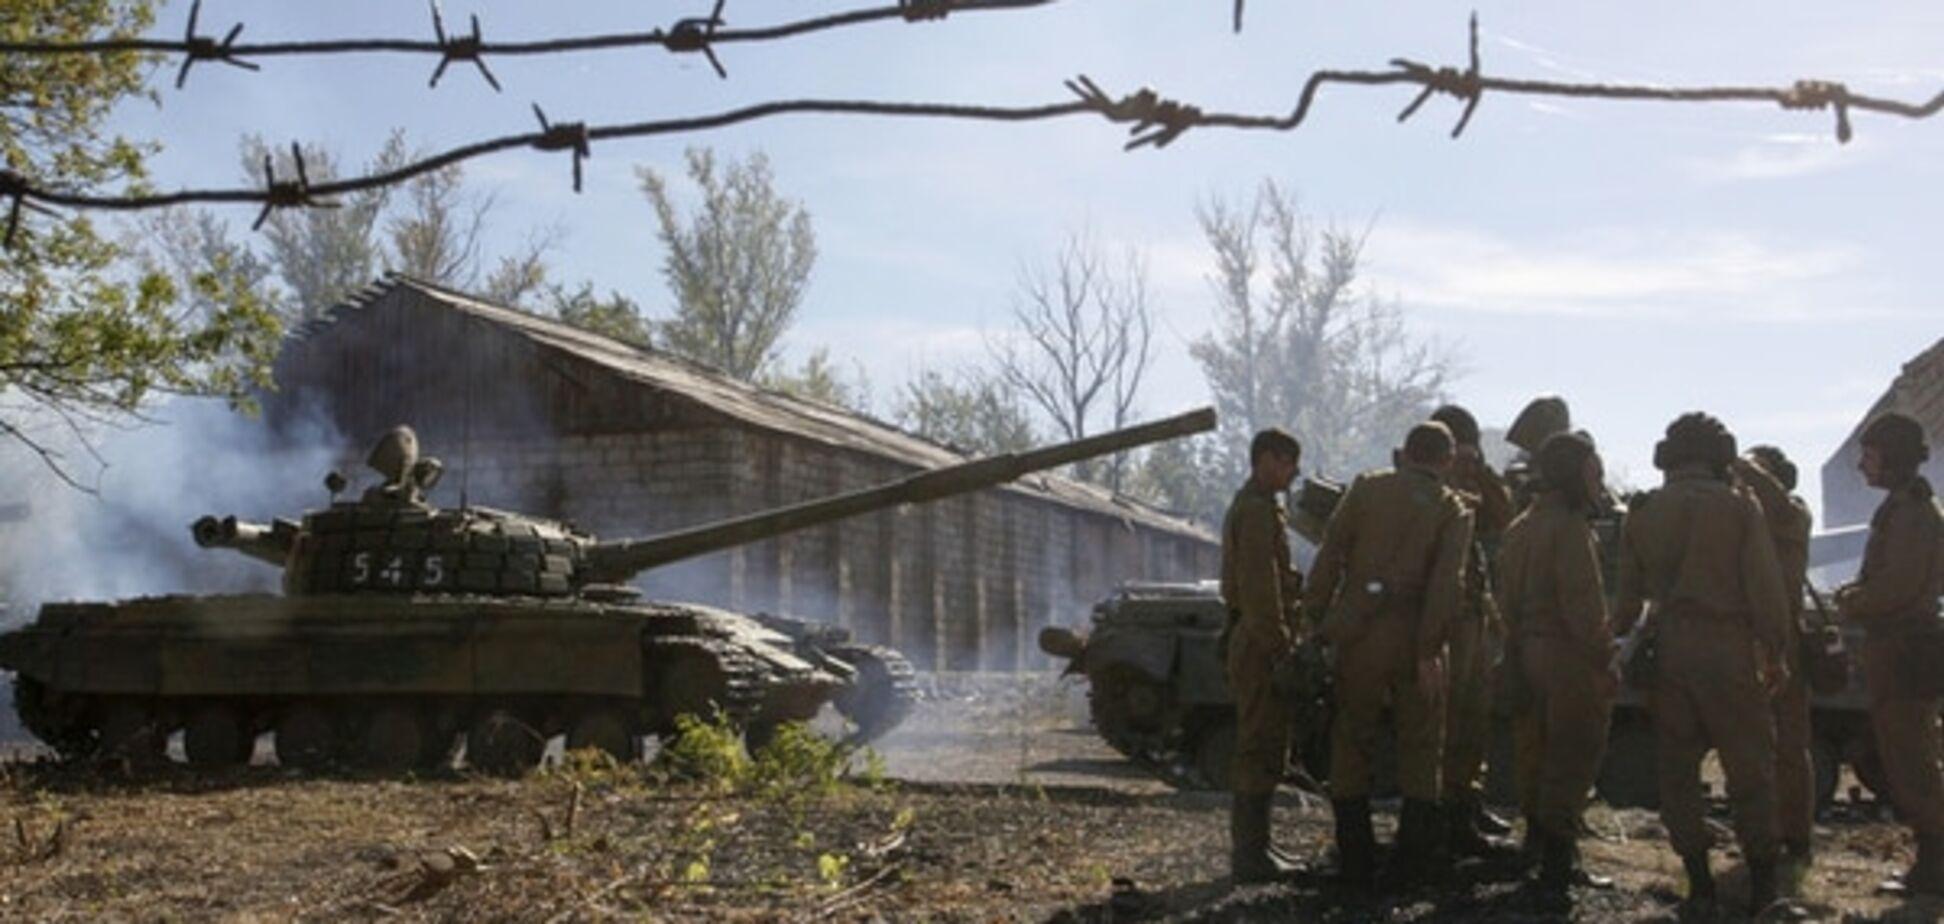 Розклали по поличках: розвідники виклали докази російської агресії в Україні. Фото та інфографіка